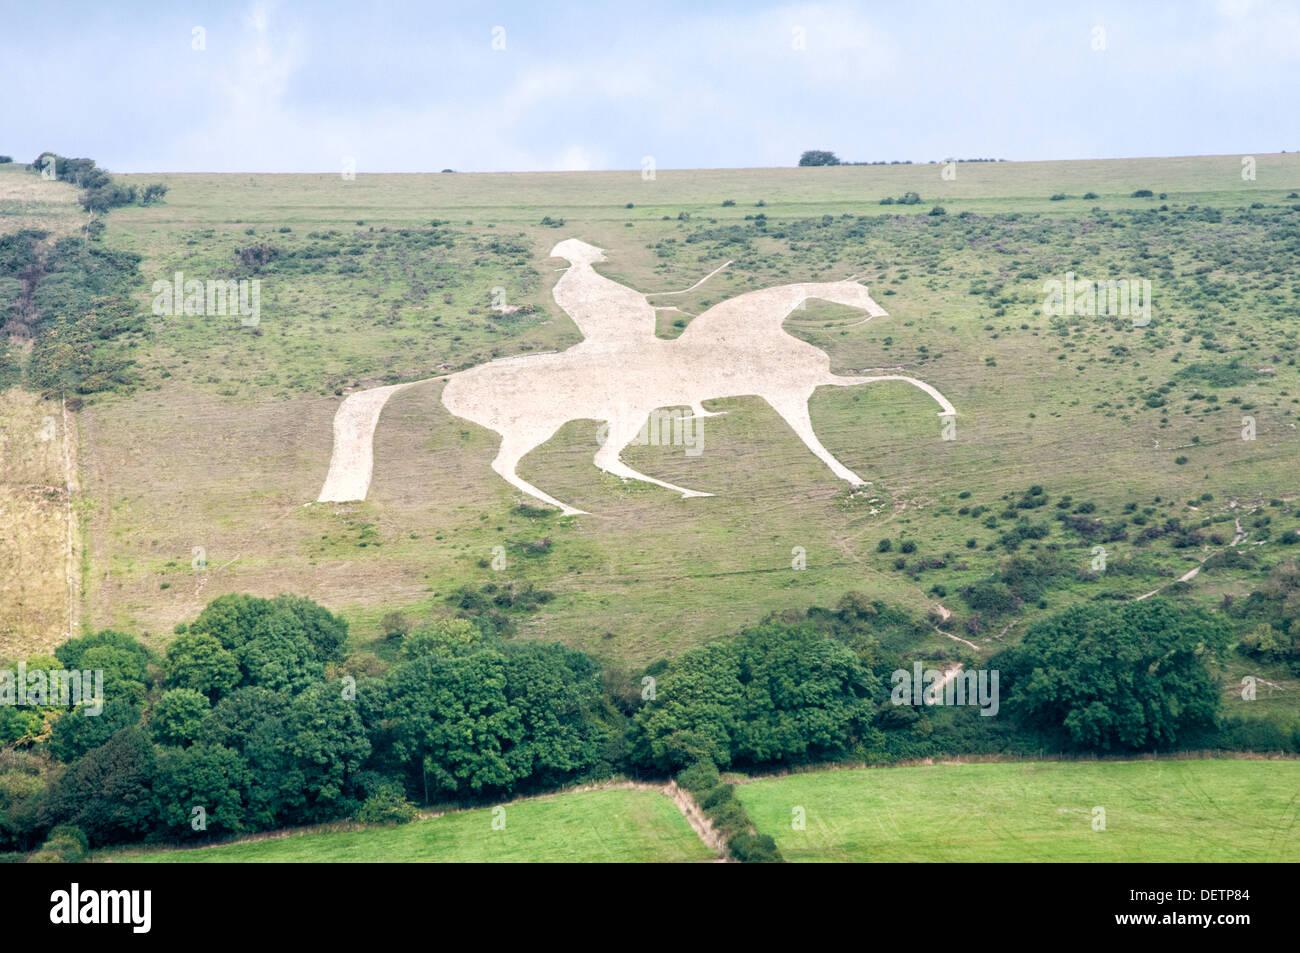 The Osmington White Horse Stock Photo